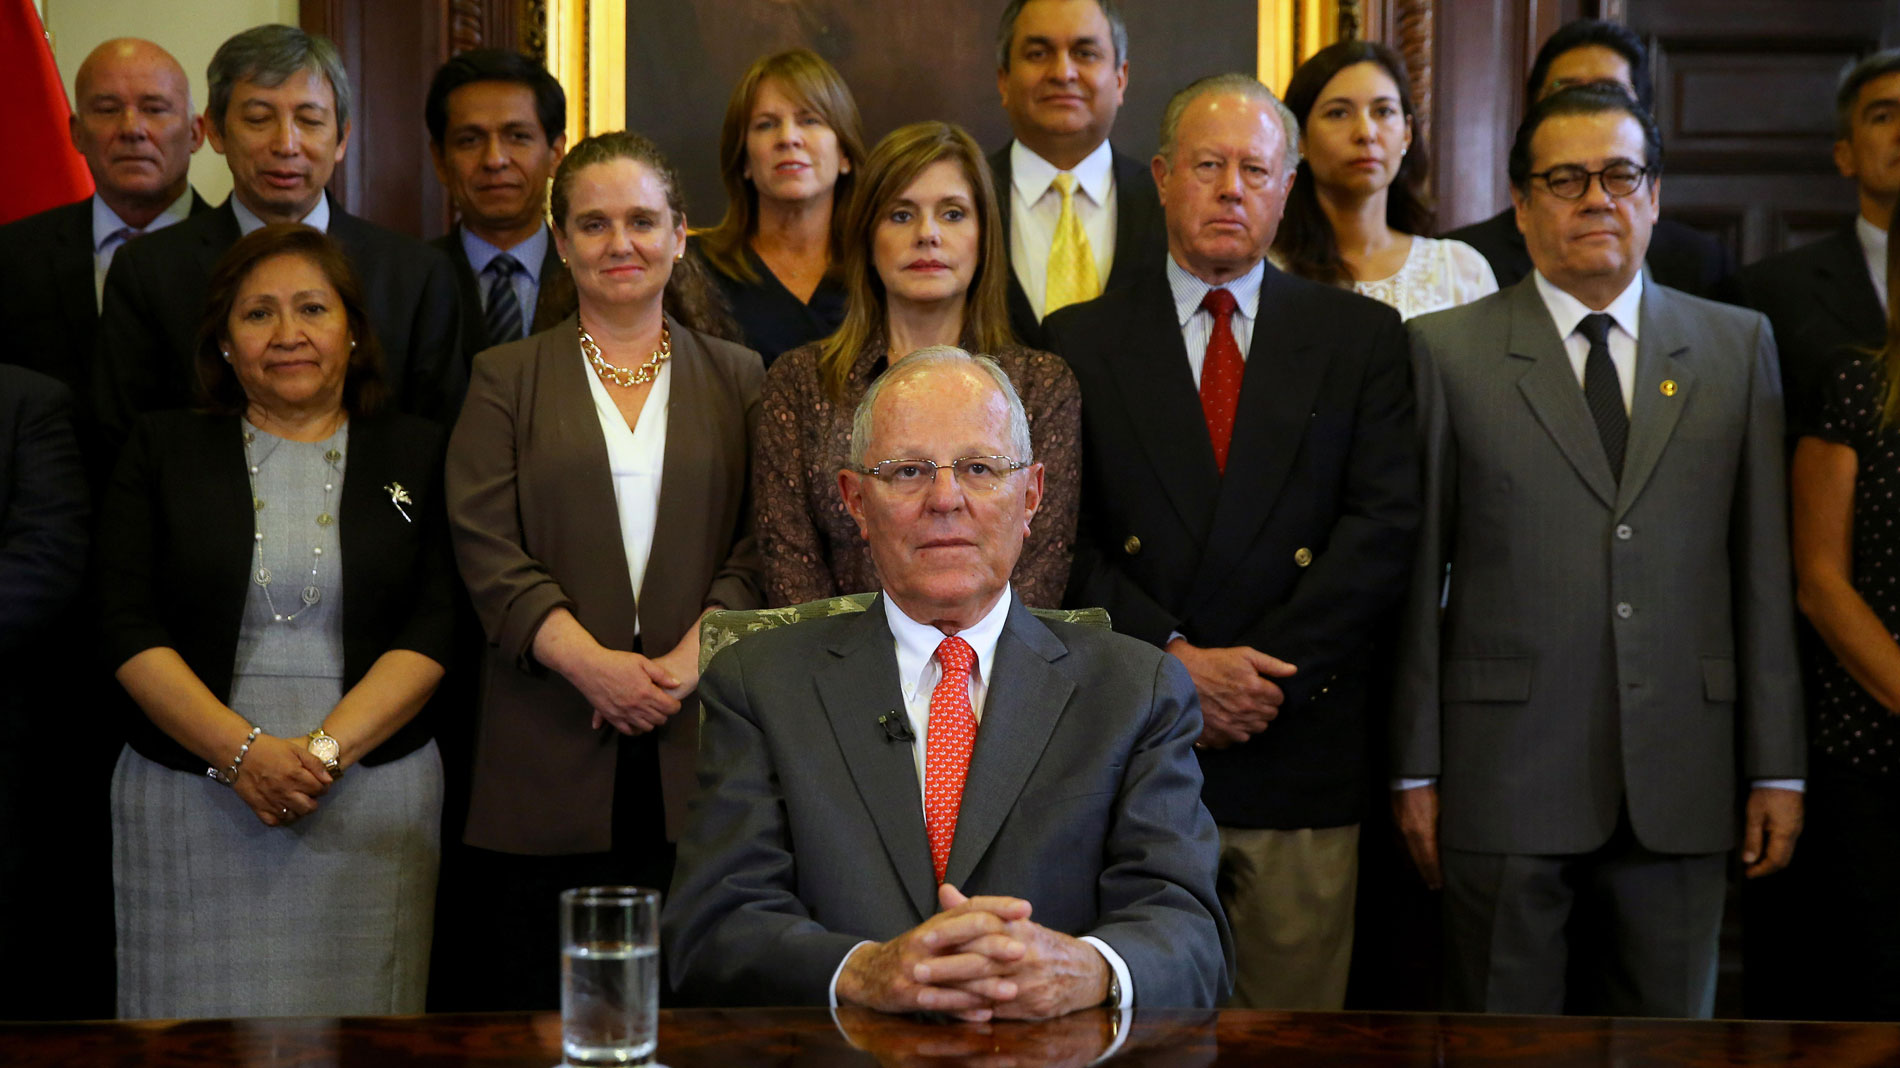 Dimite el presidente de Perú ante denuncias de compra de votos de diputados para evitar su destitución por corrupción